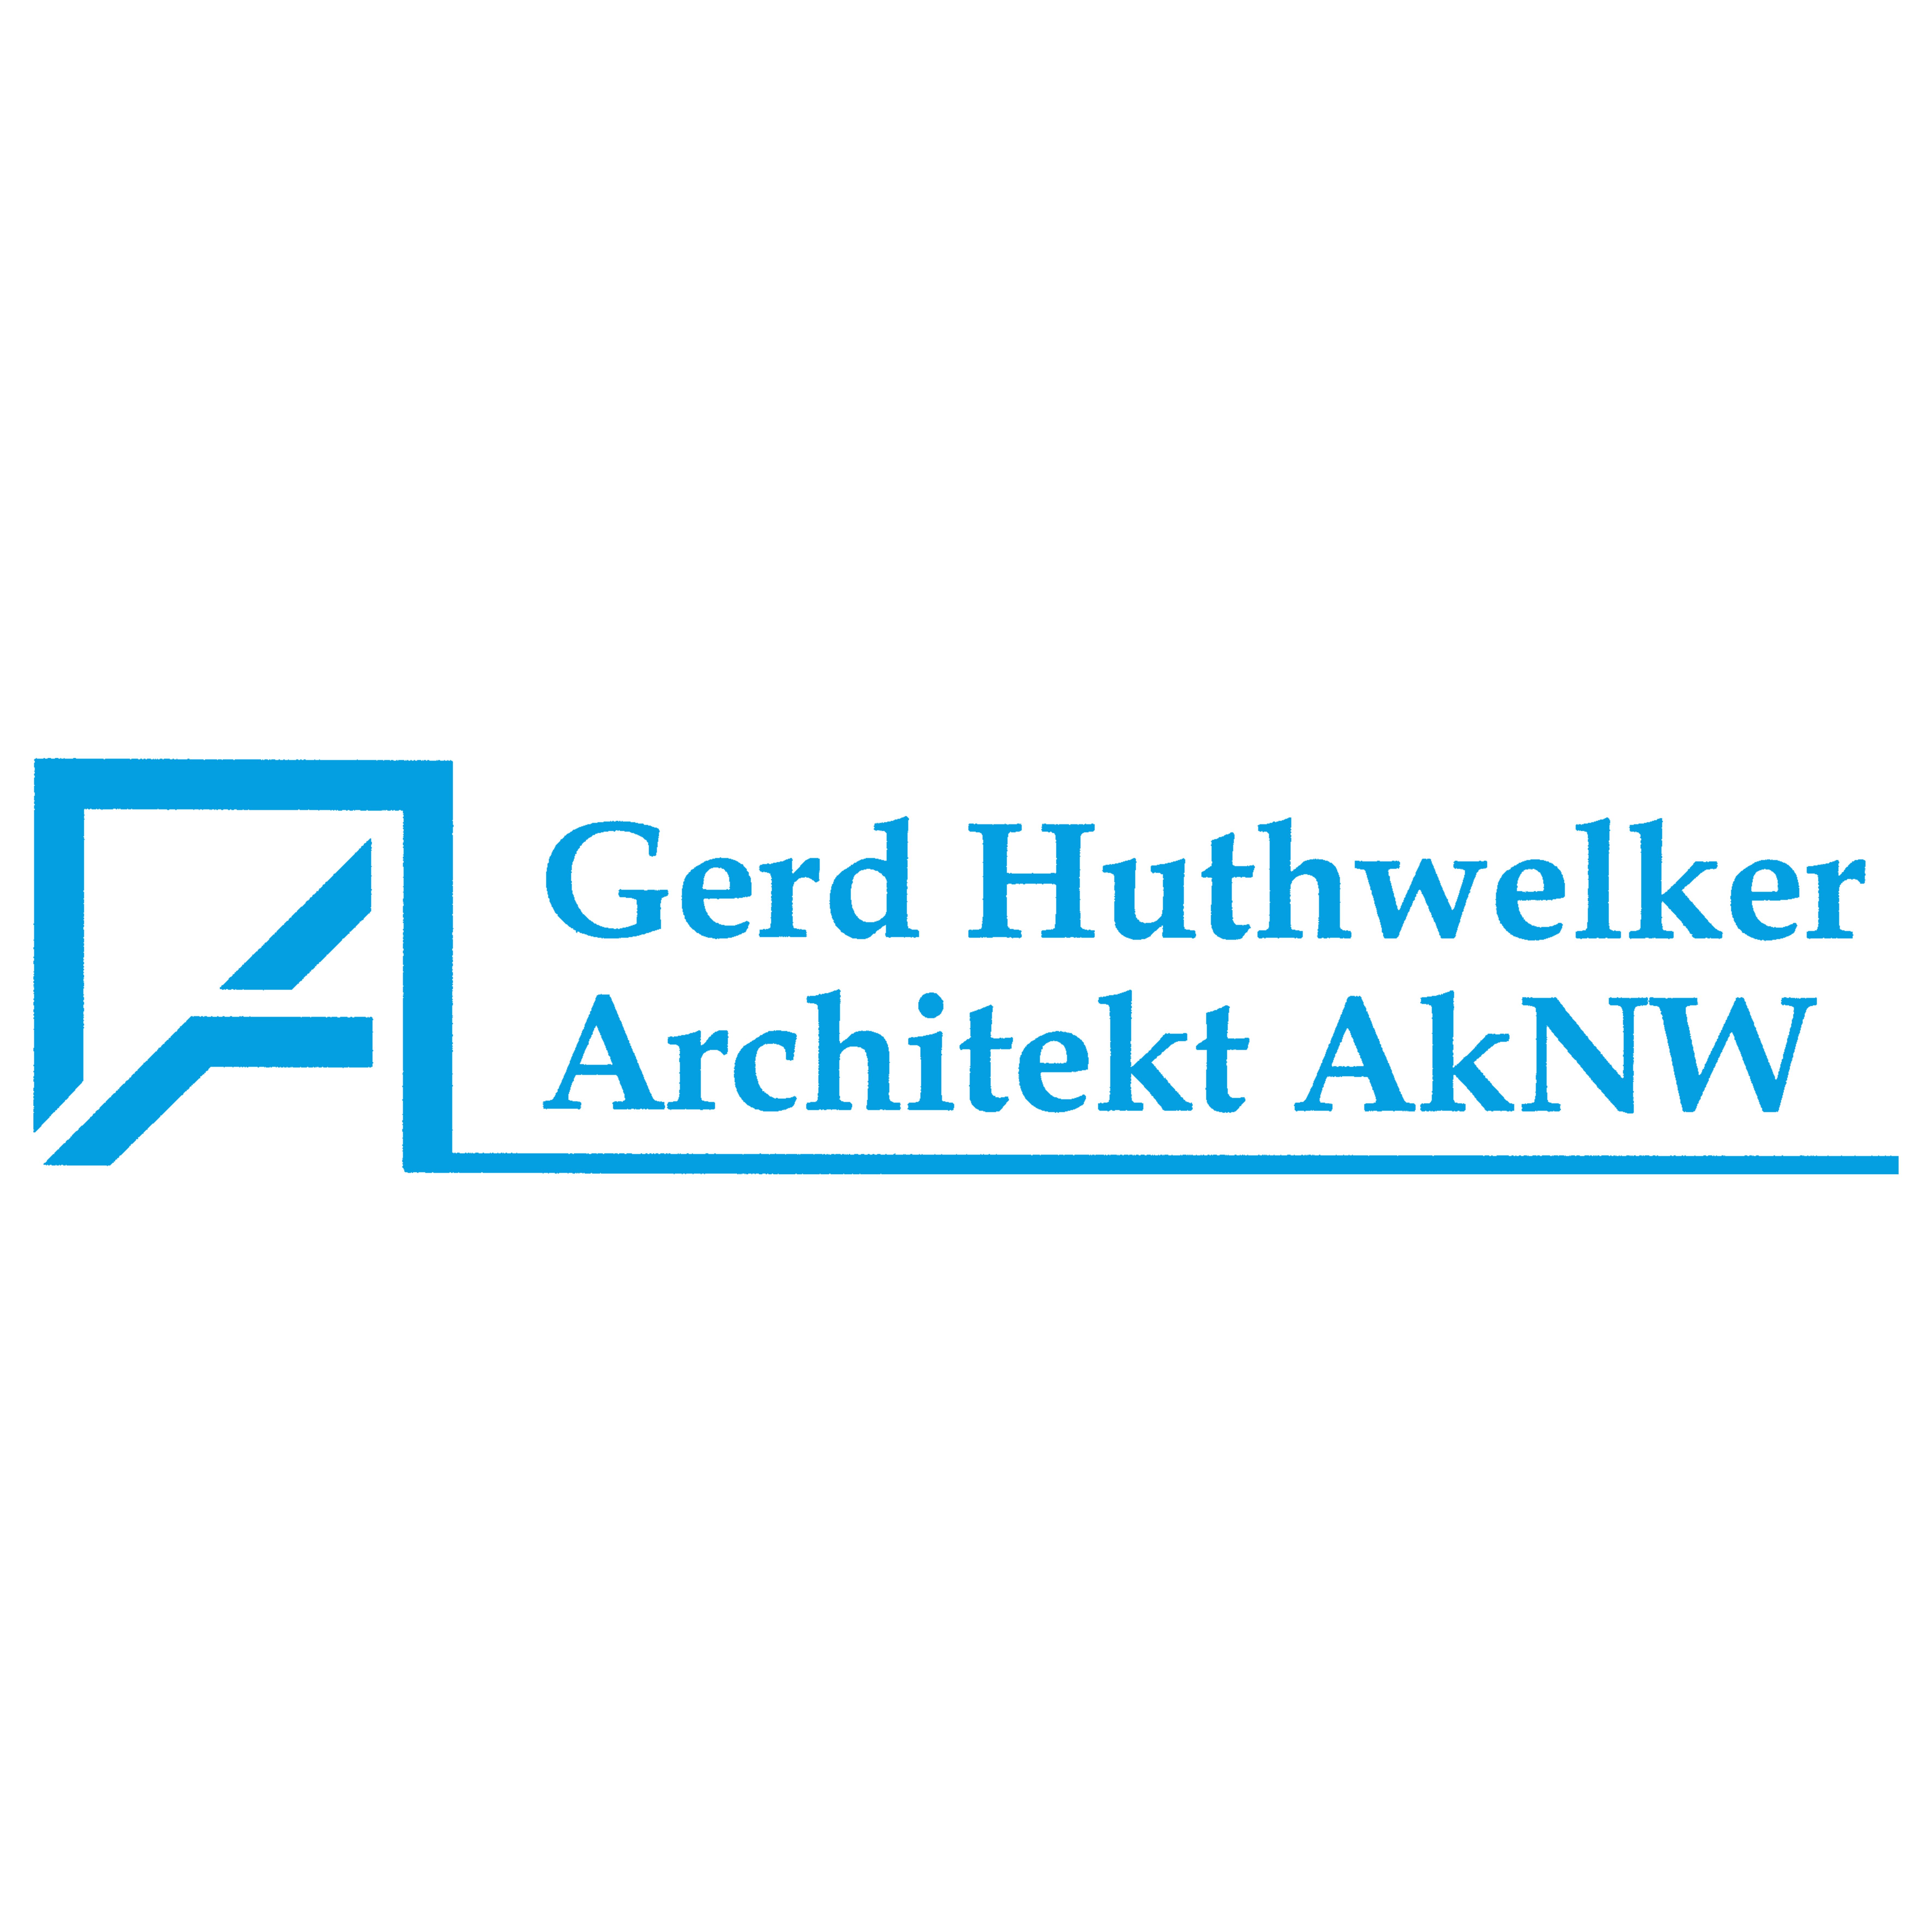 Bild zu Gerd Huthwelker Architekt AkNW in Recklinghausen